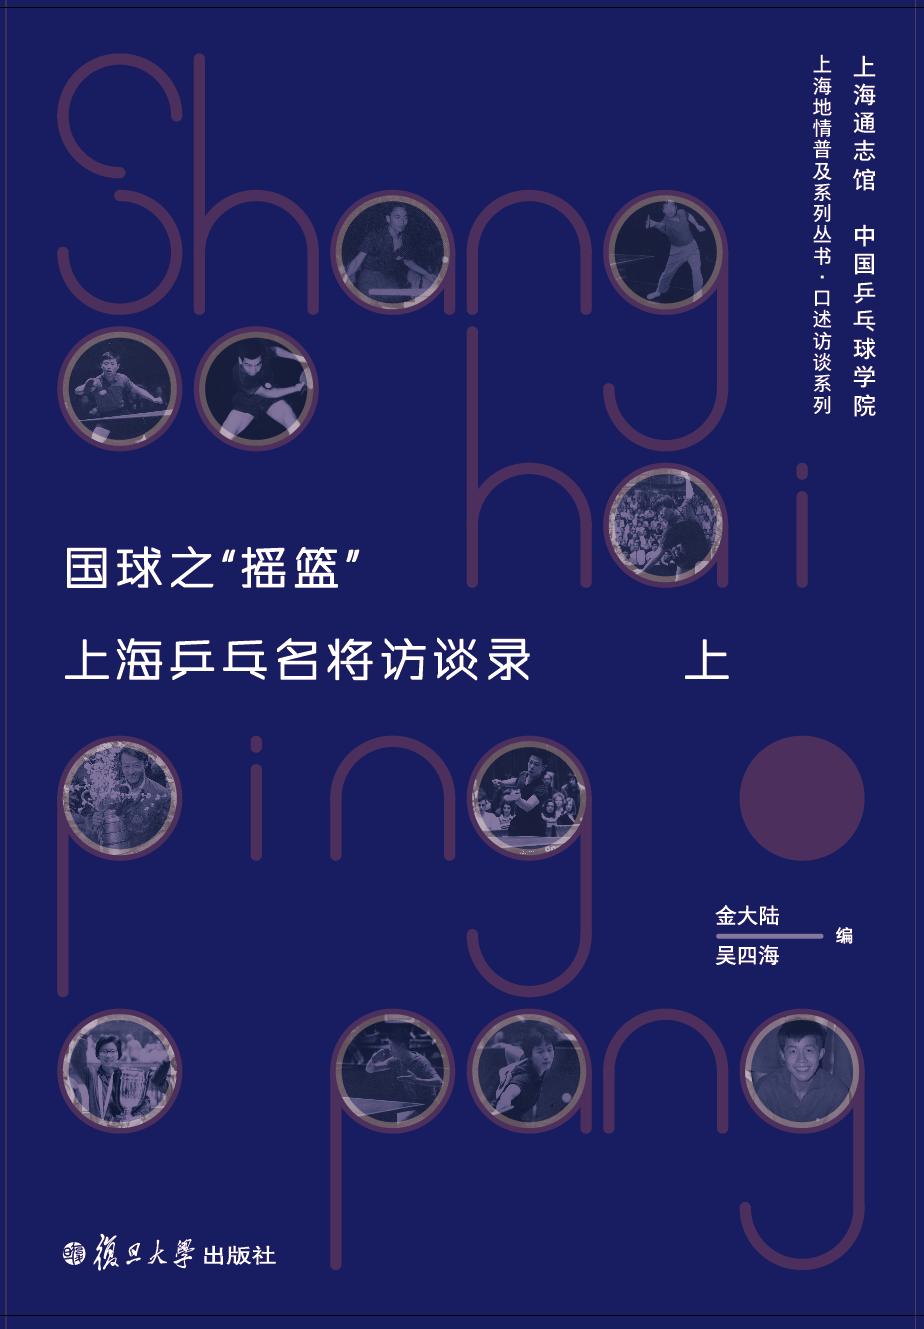 """宁波装修网探寻乒乓血脉,《国球之""""摇"""